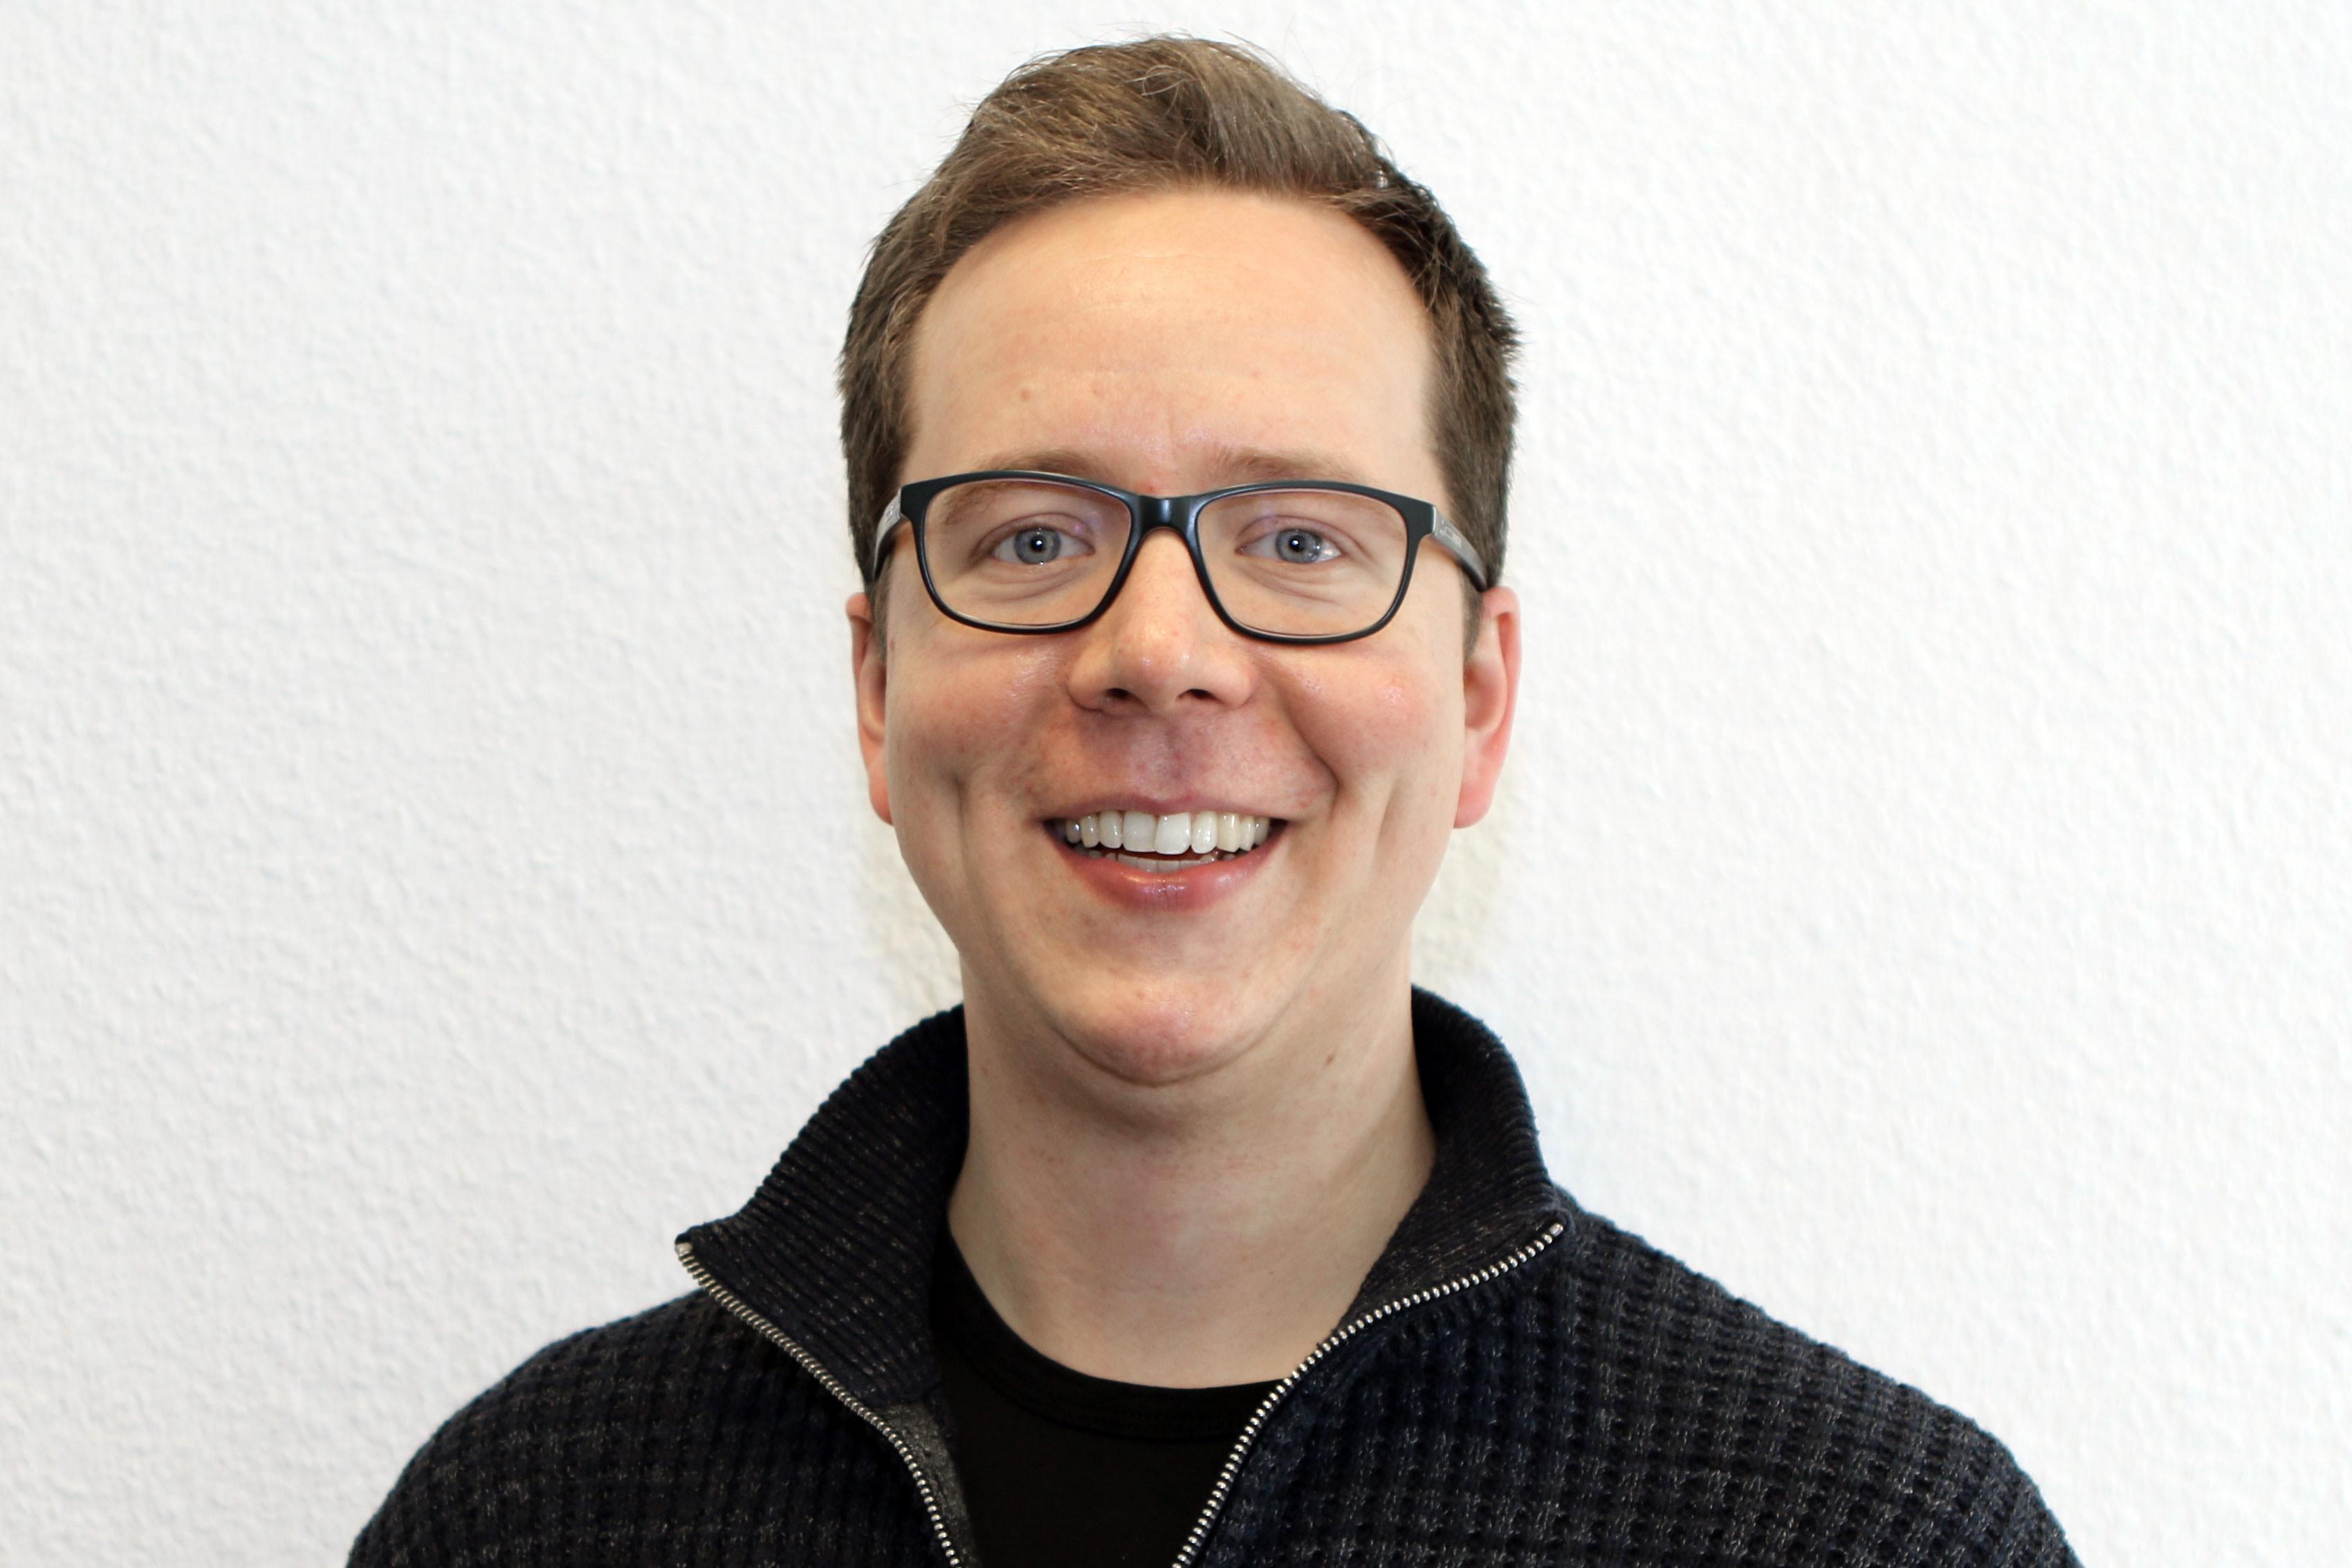 Sebastian Mutke